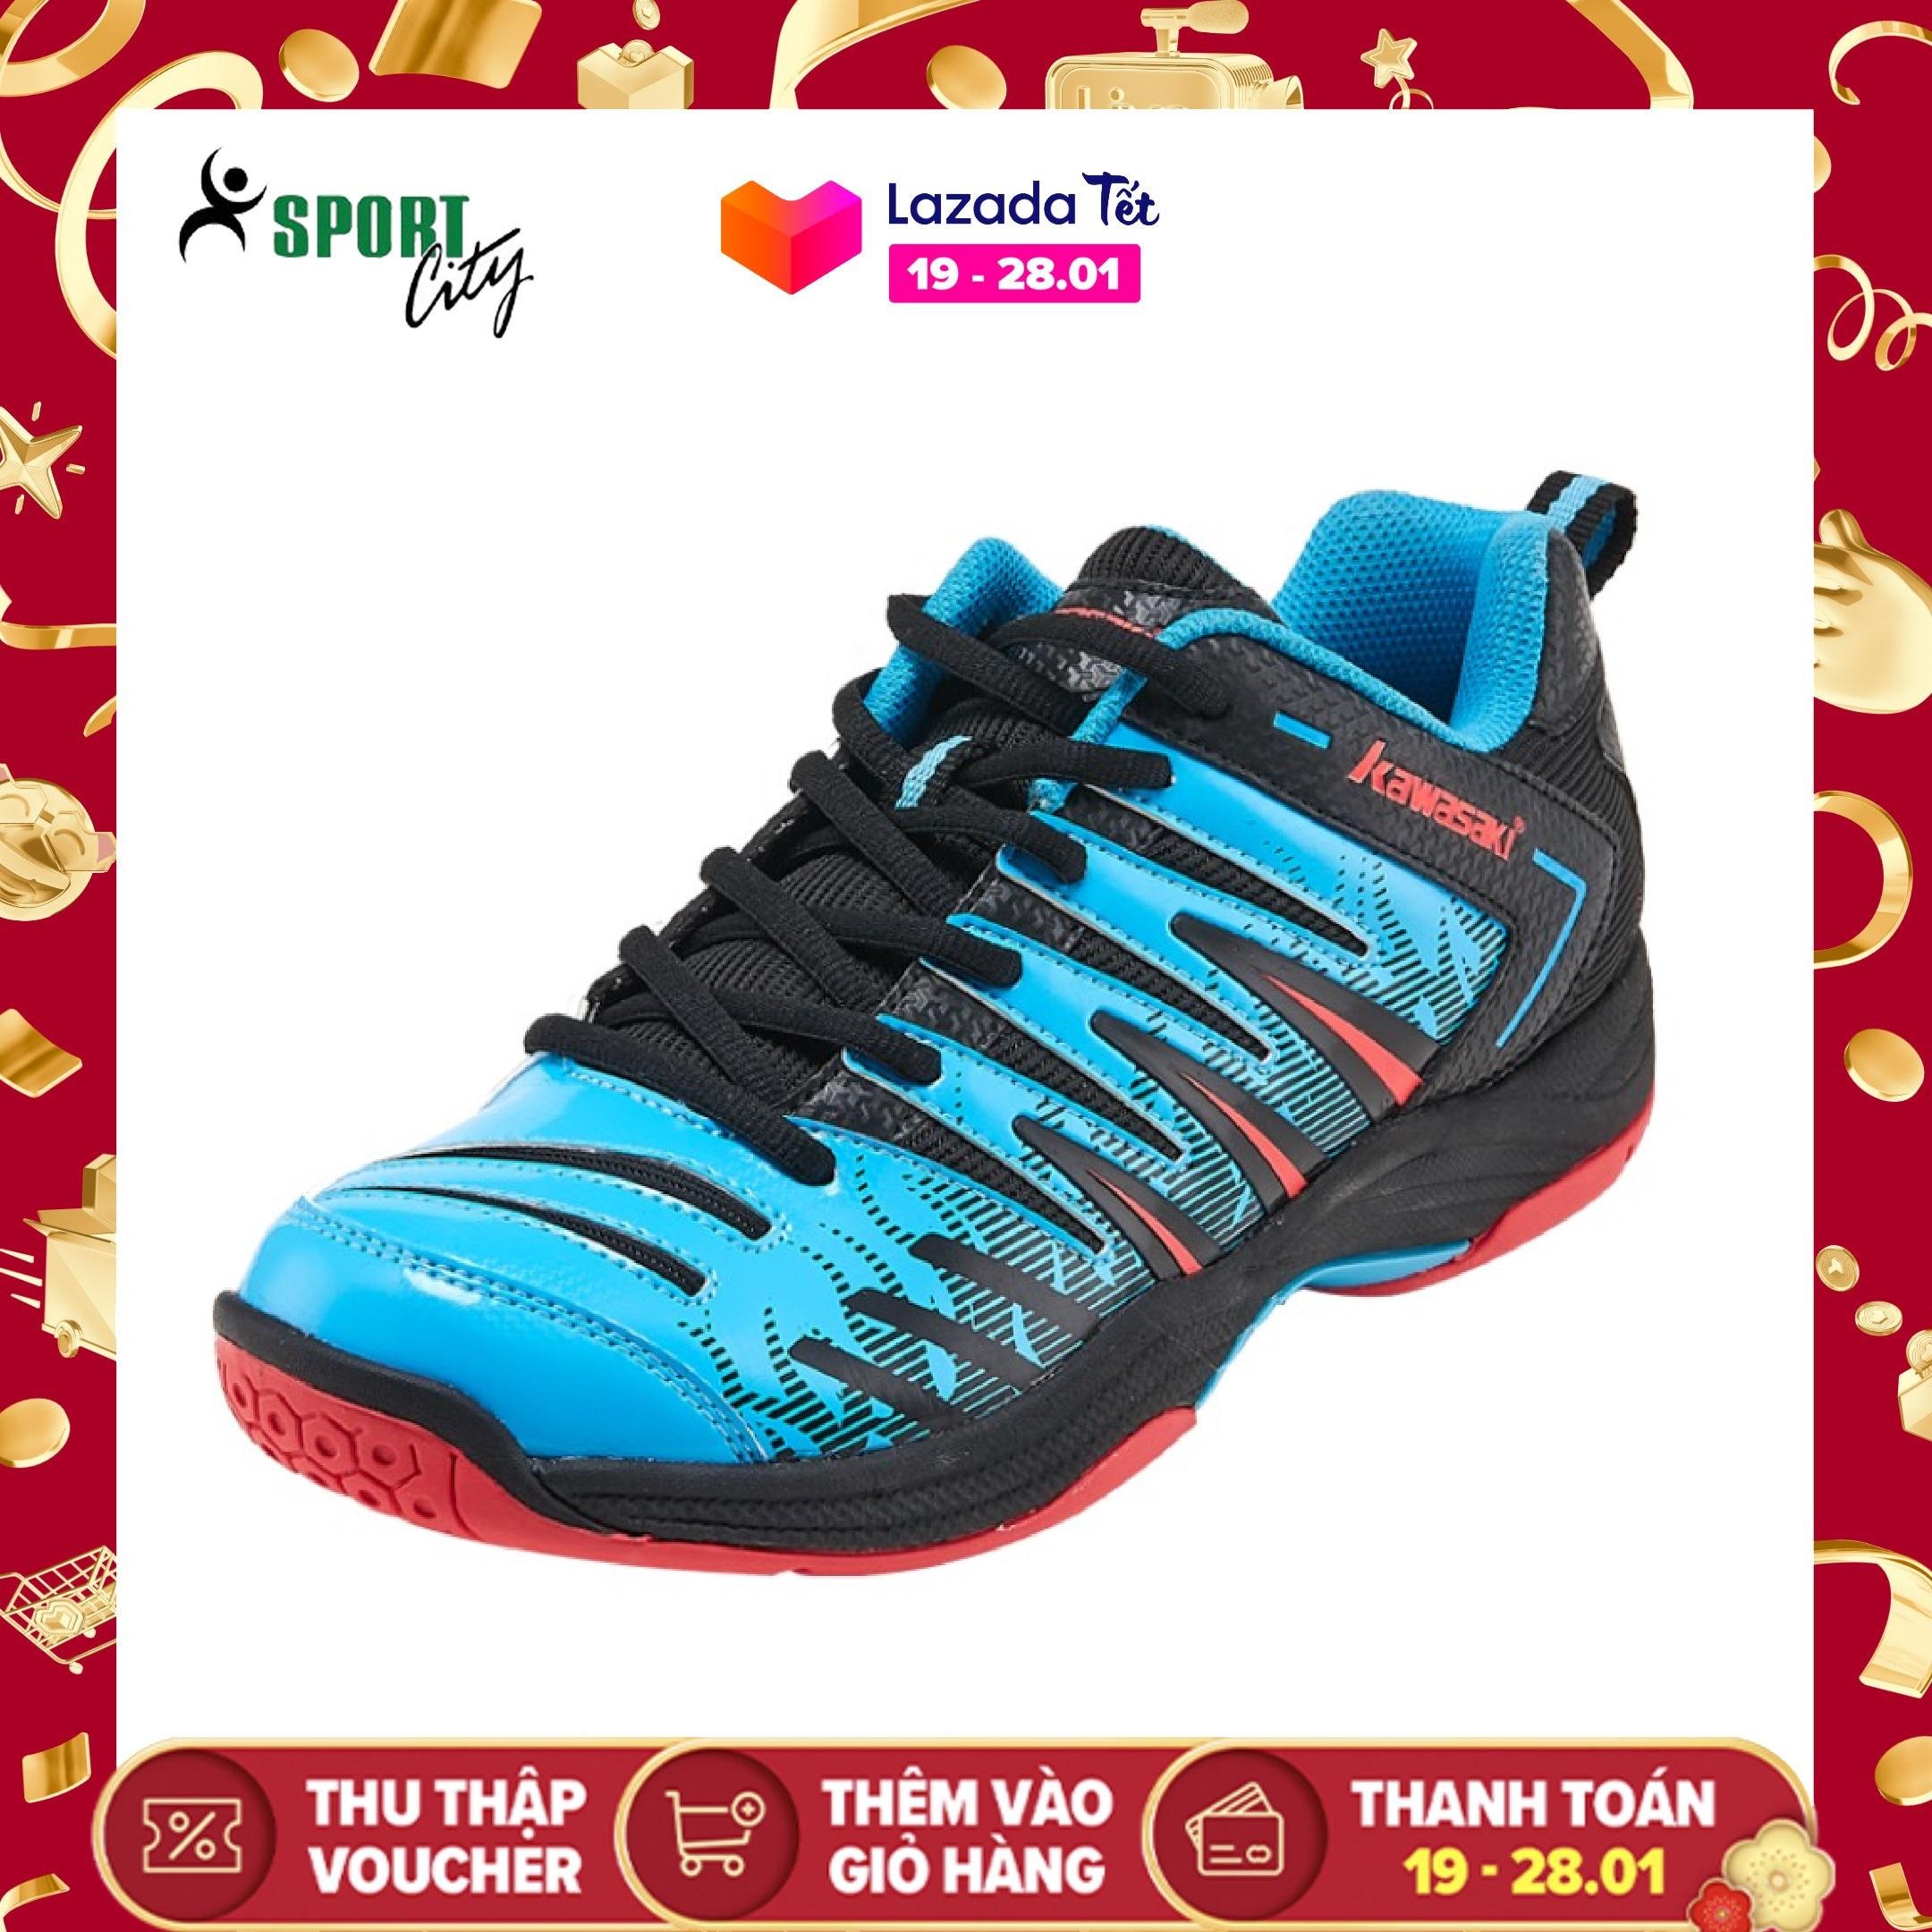 Giày cầu lông - Giày bóng chuyền Kawasaki K161 mẫu mới, êm ái, chống lật cổ chân, có 2 màu lựa chọn, dành cho nam và nữ - Giày chơi cầu lông nam nữ- Giầy thể thao chơi bóng chuyền - Sportcity